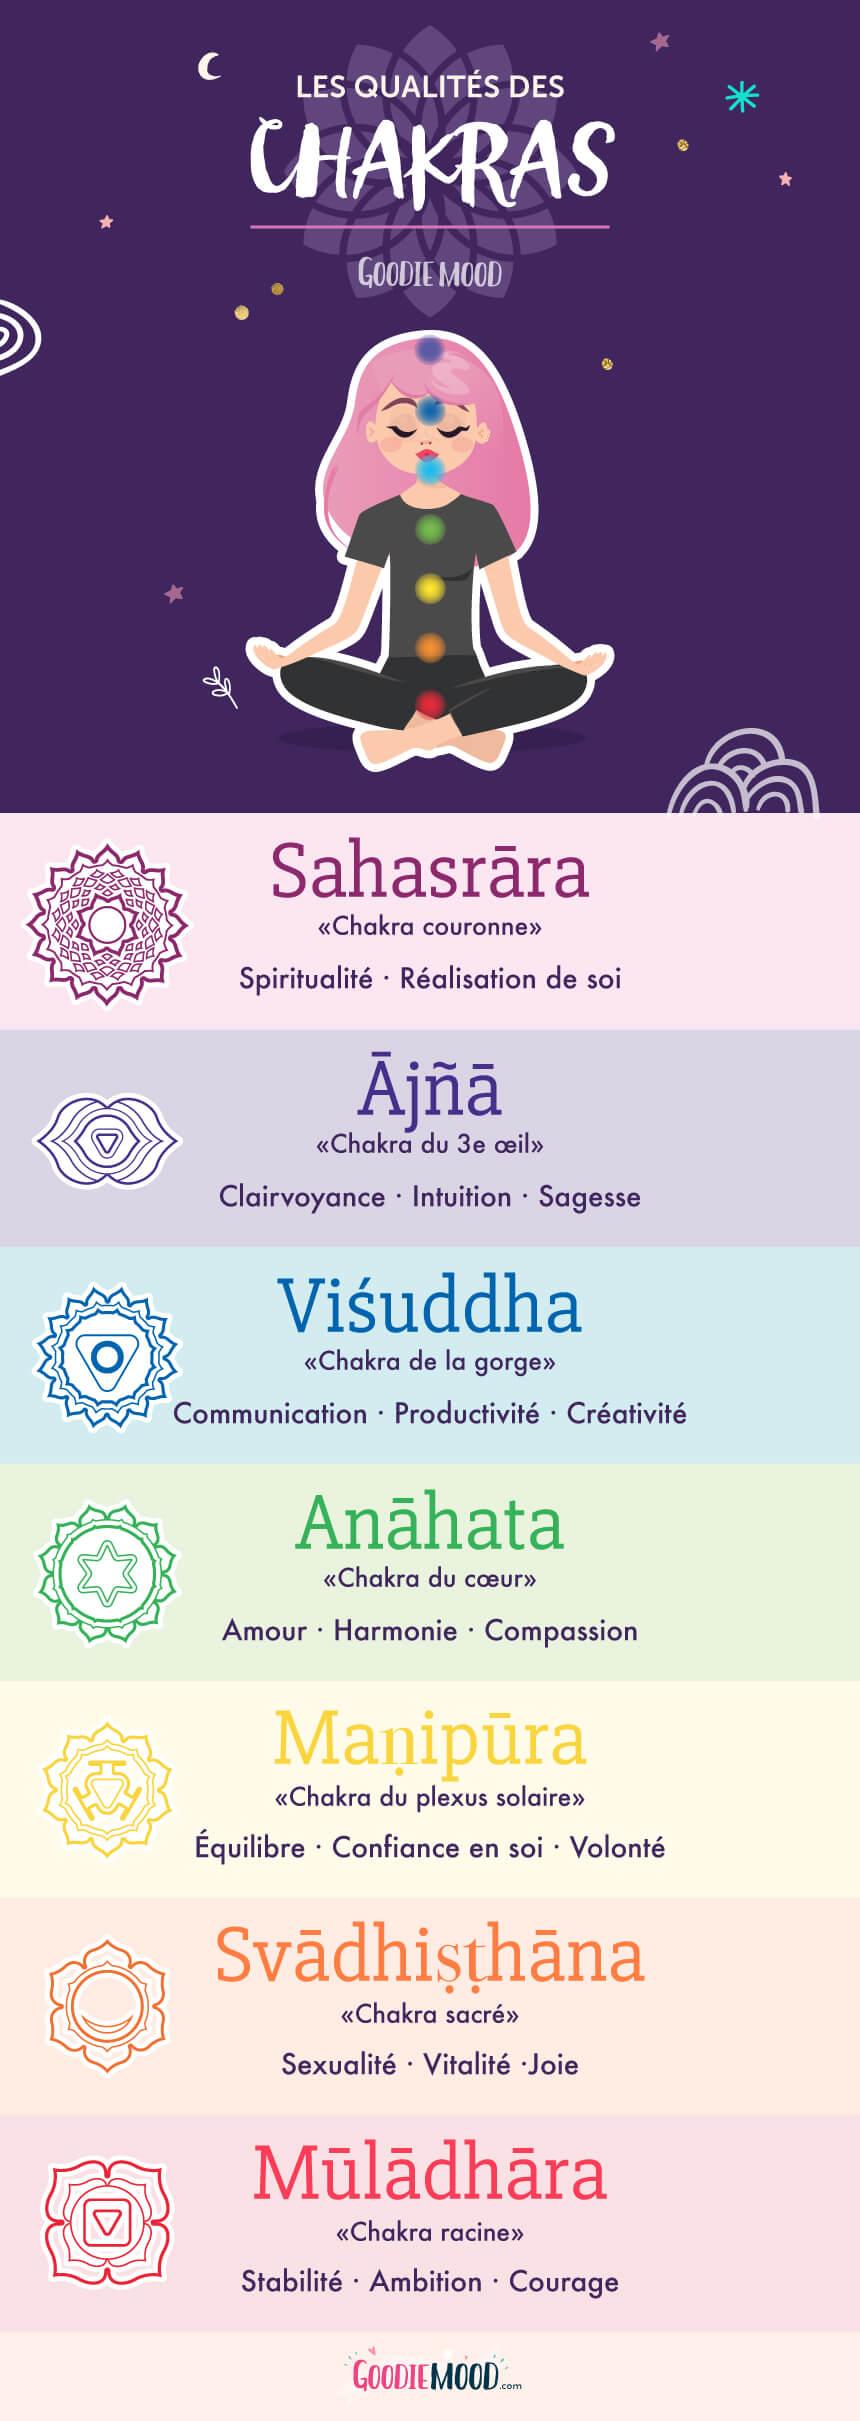 🦄Les qualités et significations des chakras - Sur Goodie Mood, le blog Feel Good et Créativité #Chakras #méditation #esoterisme #infographie #blog #bienetre #energie